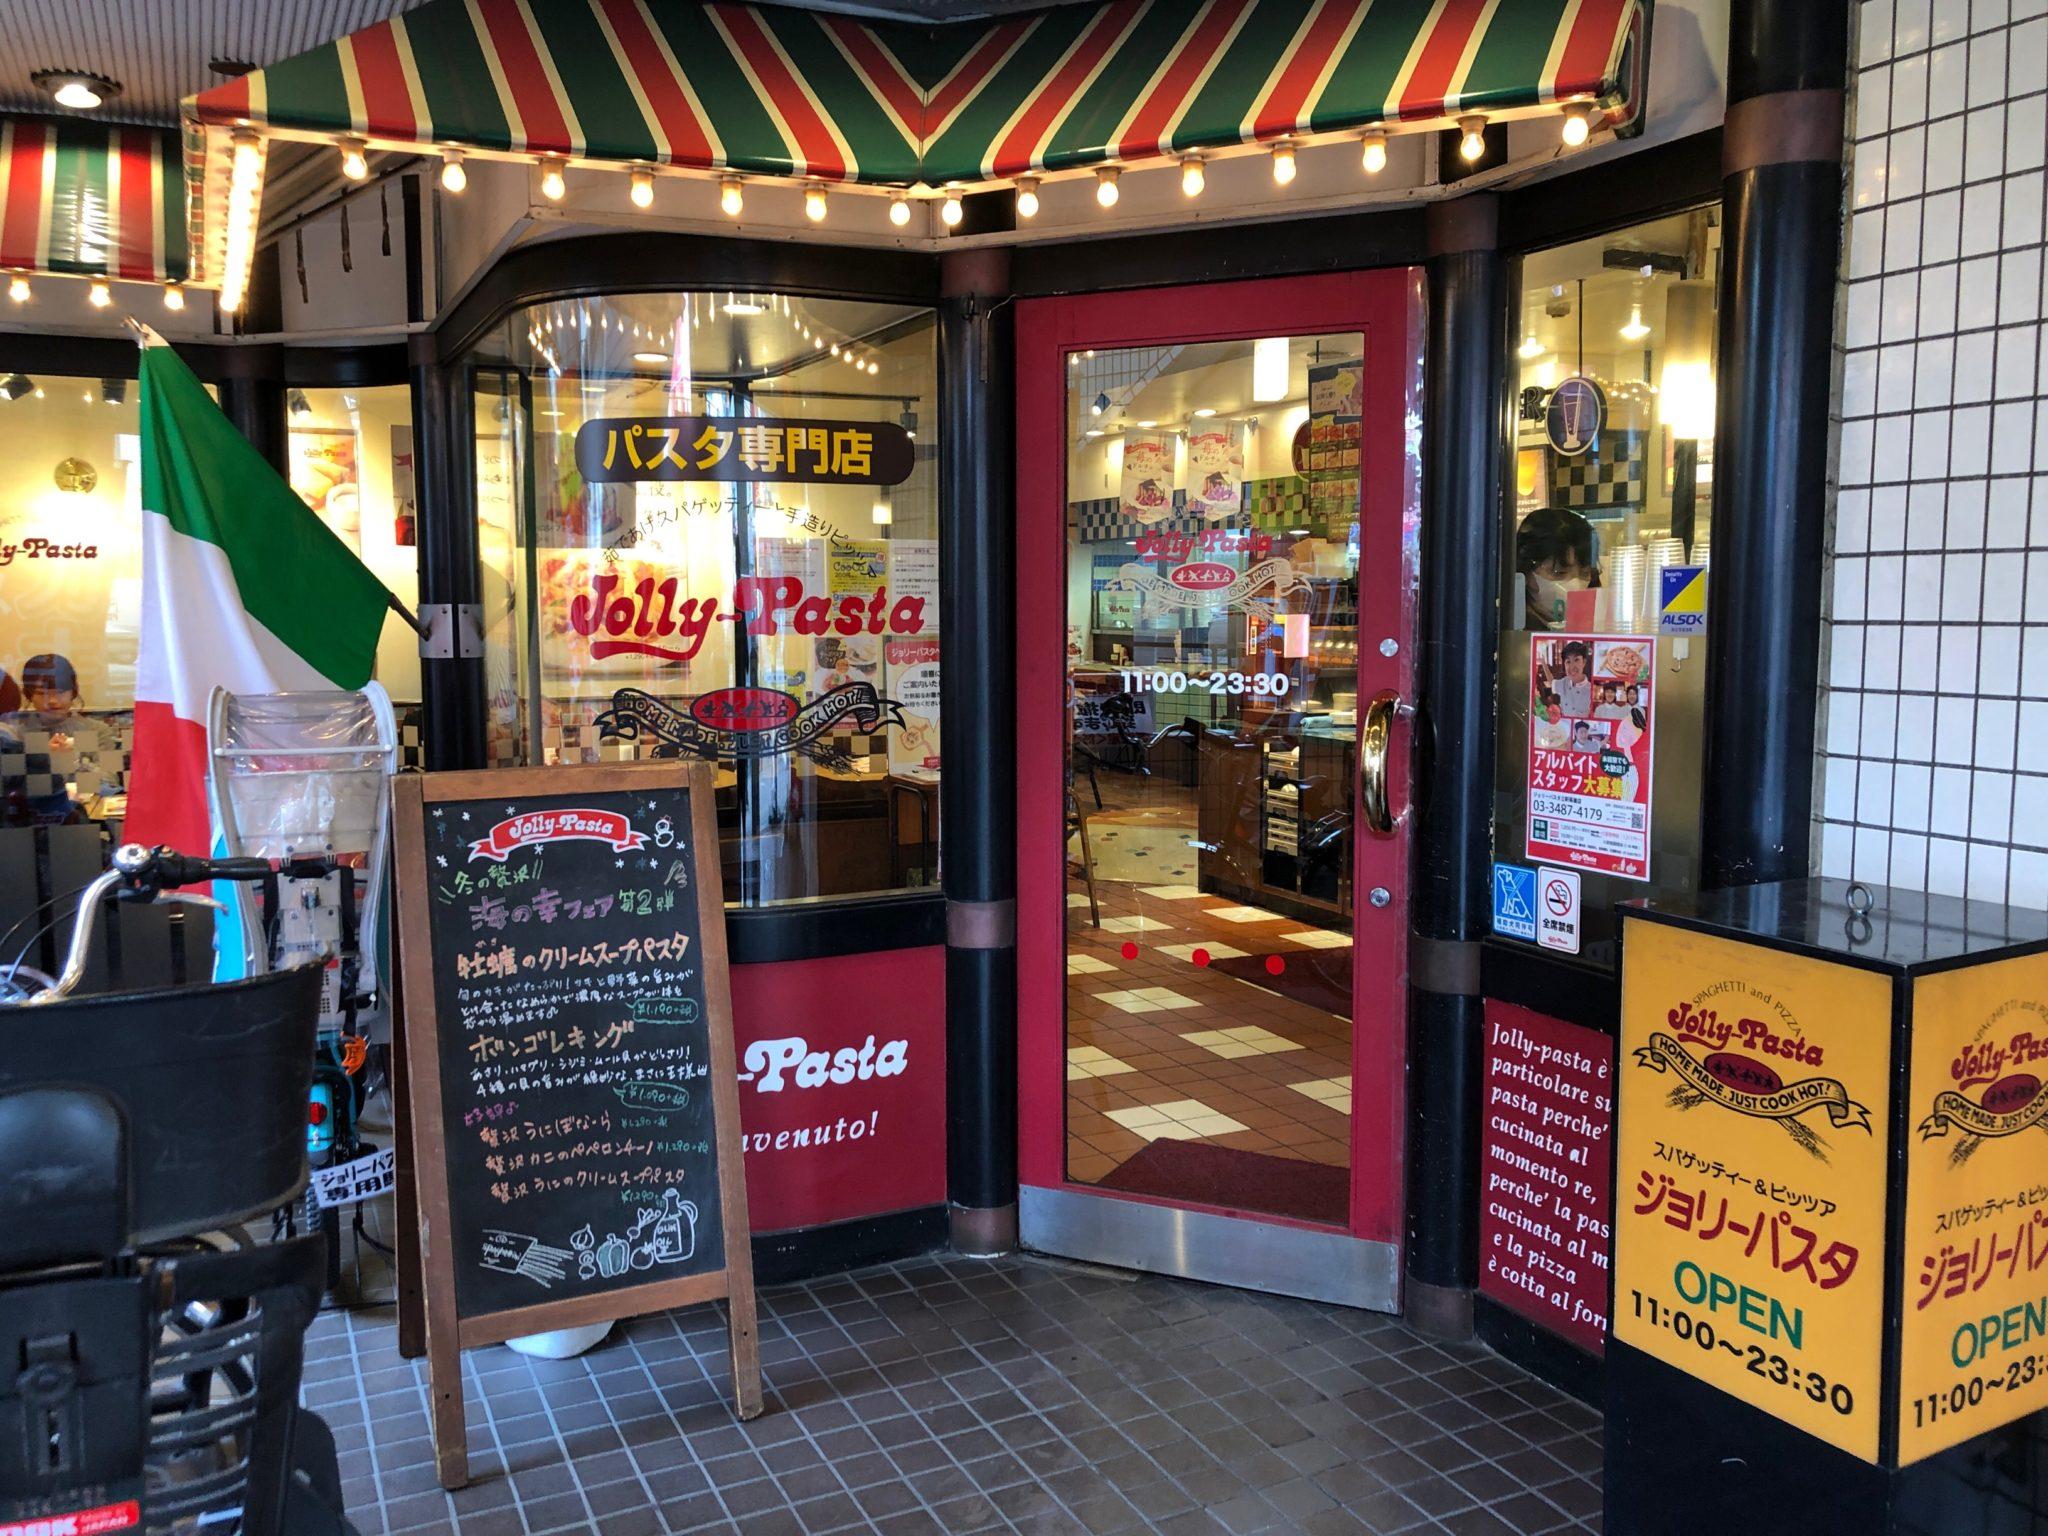 ジョリーパスタ三軒茶屋本店の外観